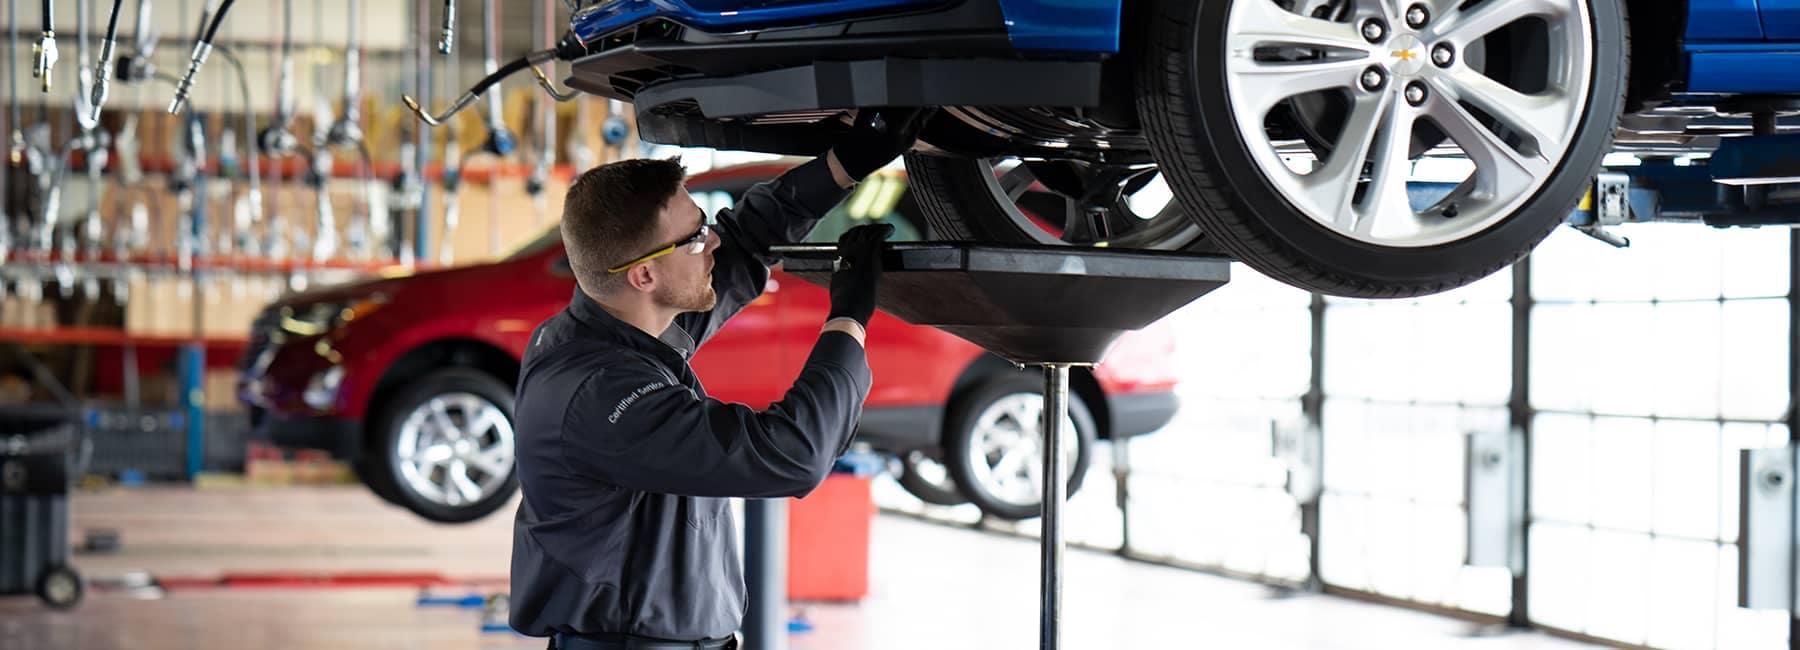 A mechanic working under a car